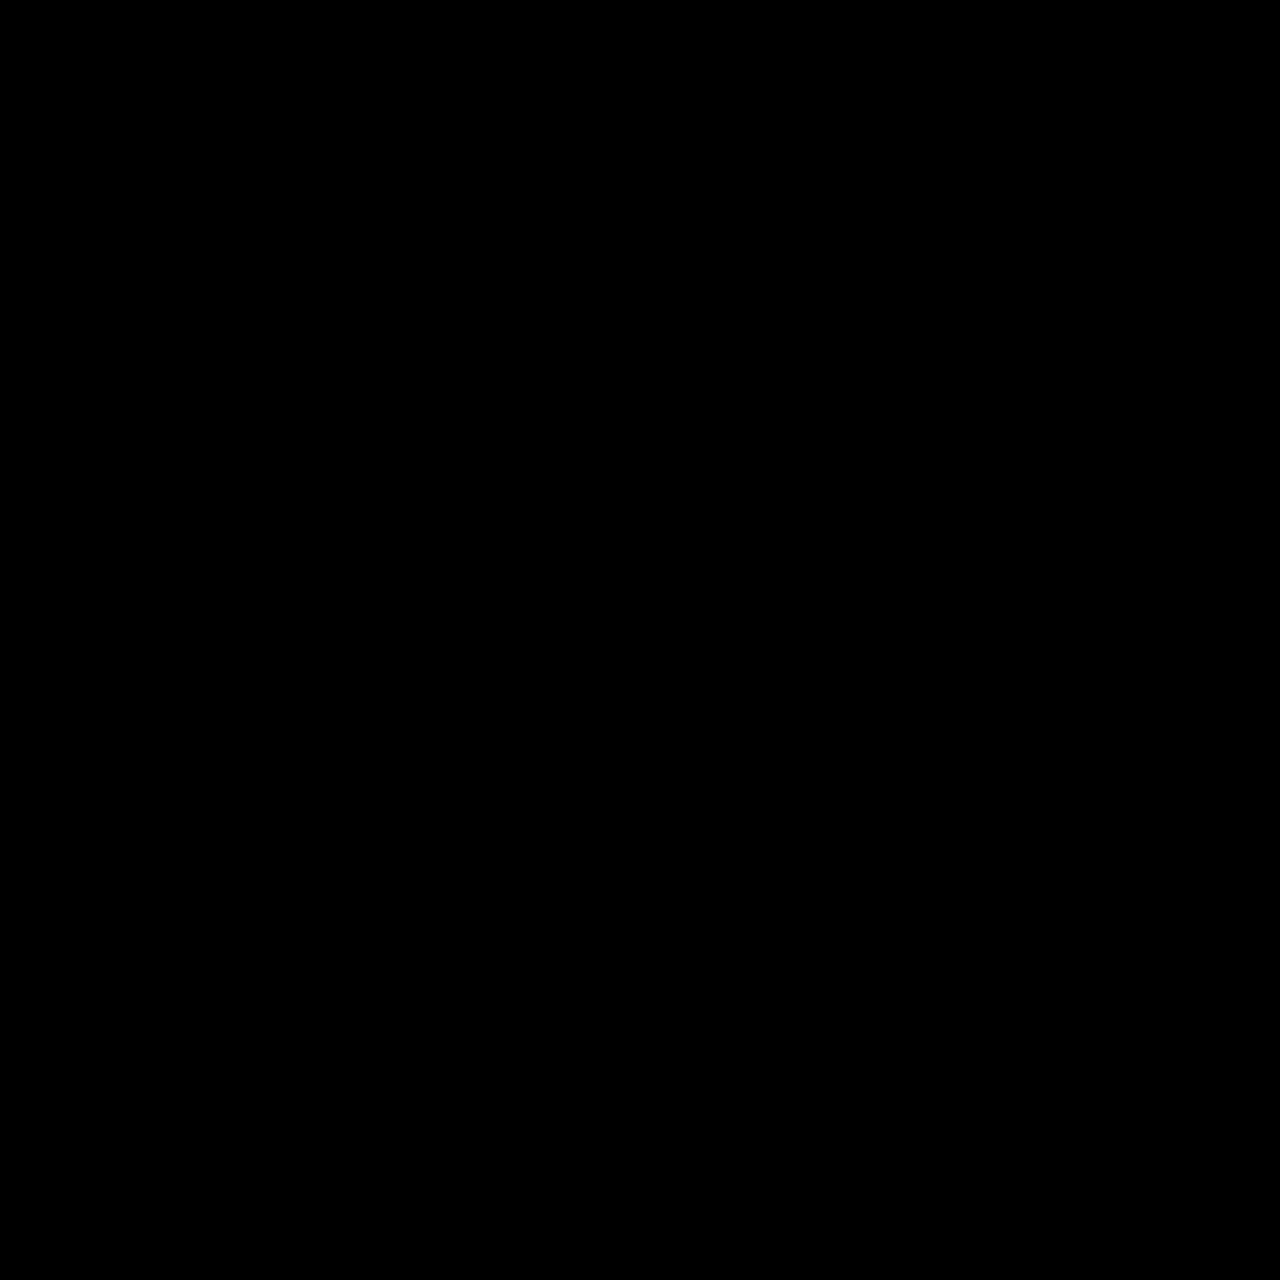 картинка скрипичный ключ в круге лучших сортов